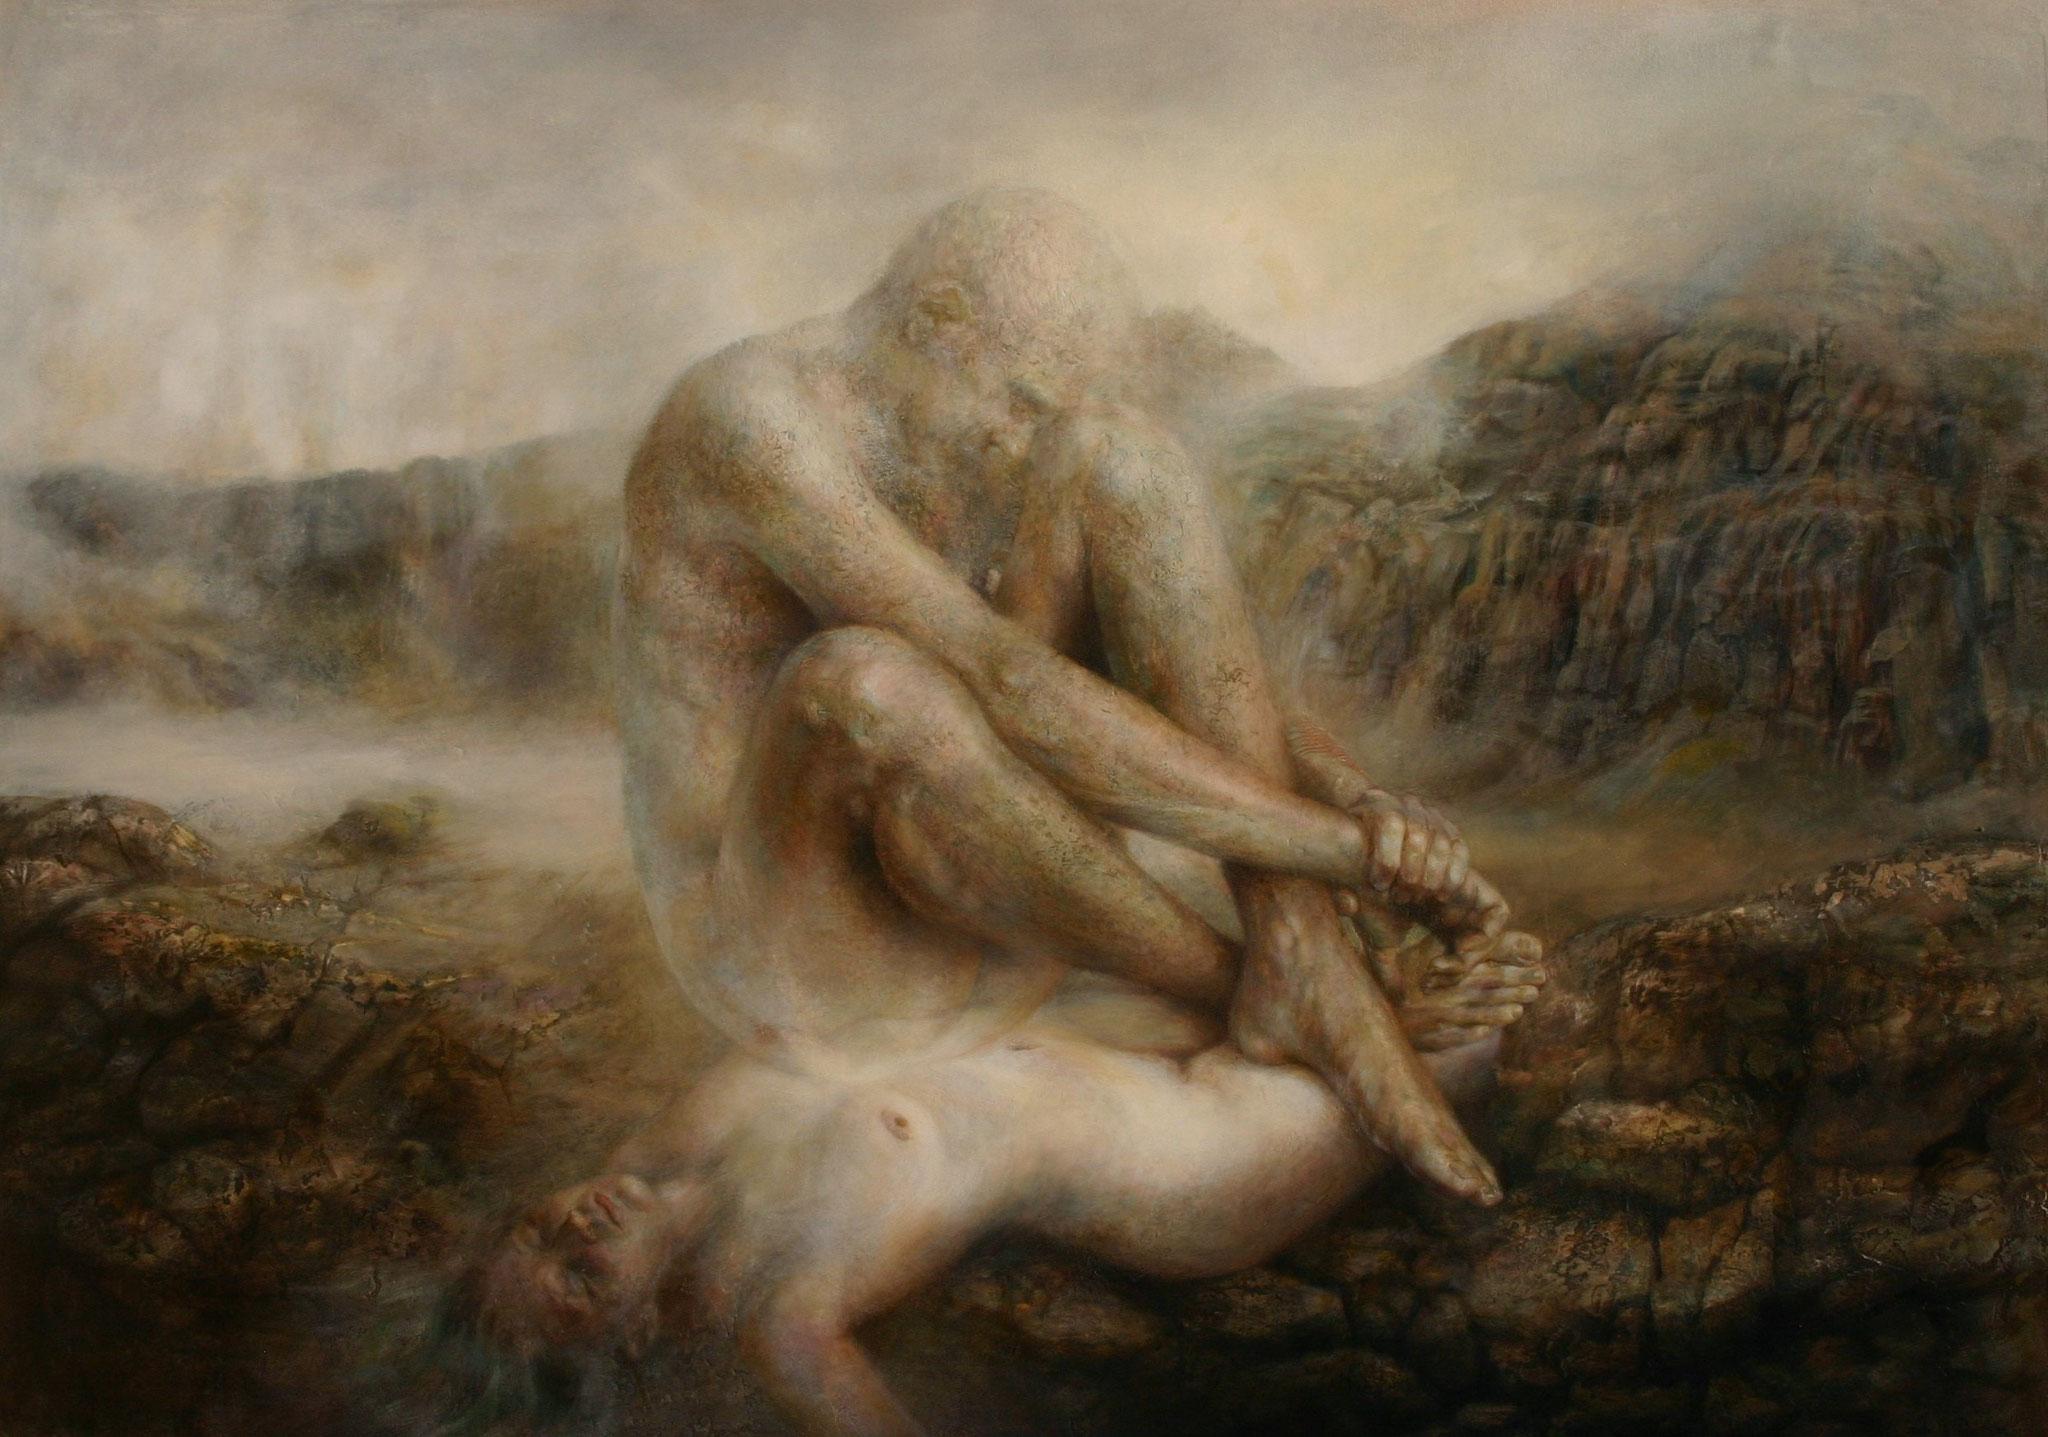 Animus - 2015, 120x170, olio su tela su legno.